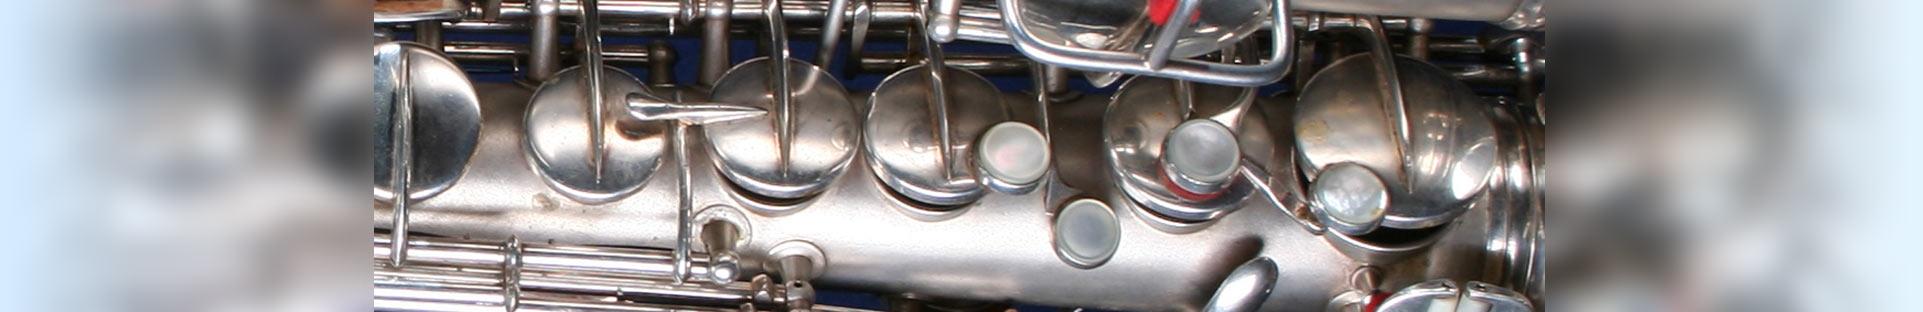 saxofoon conn muziekles groningen